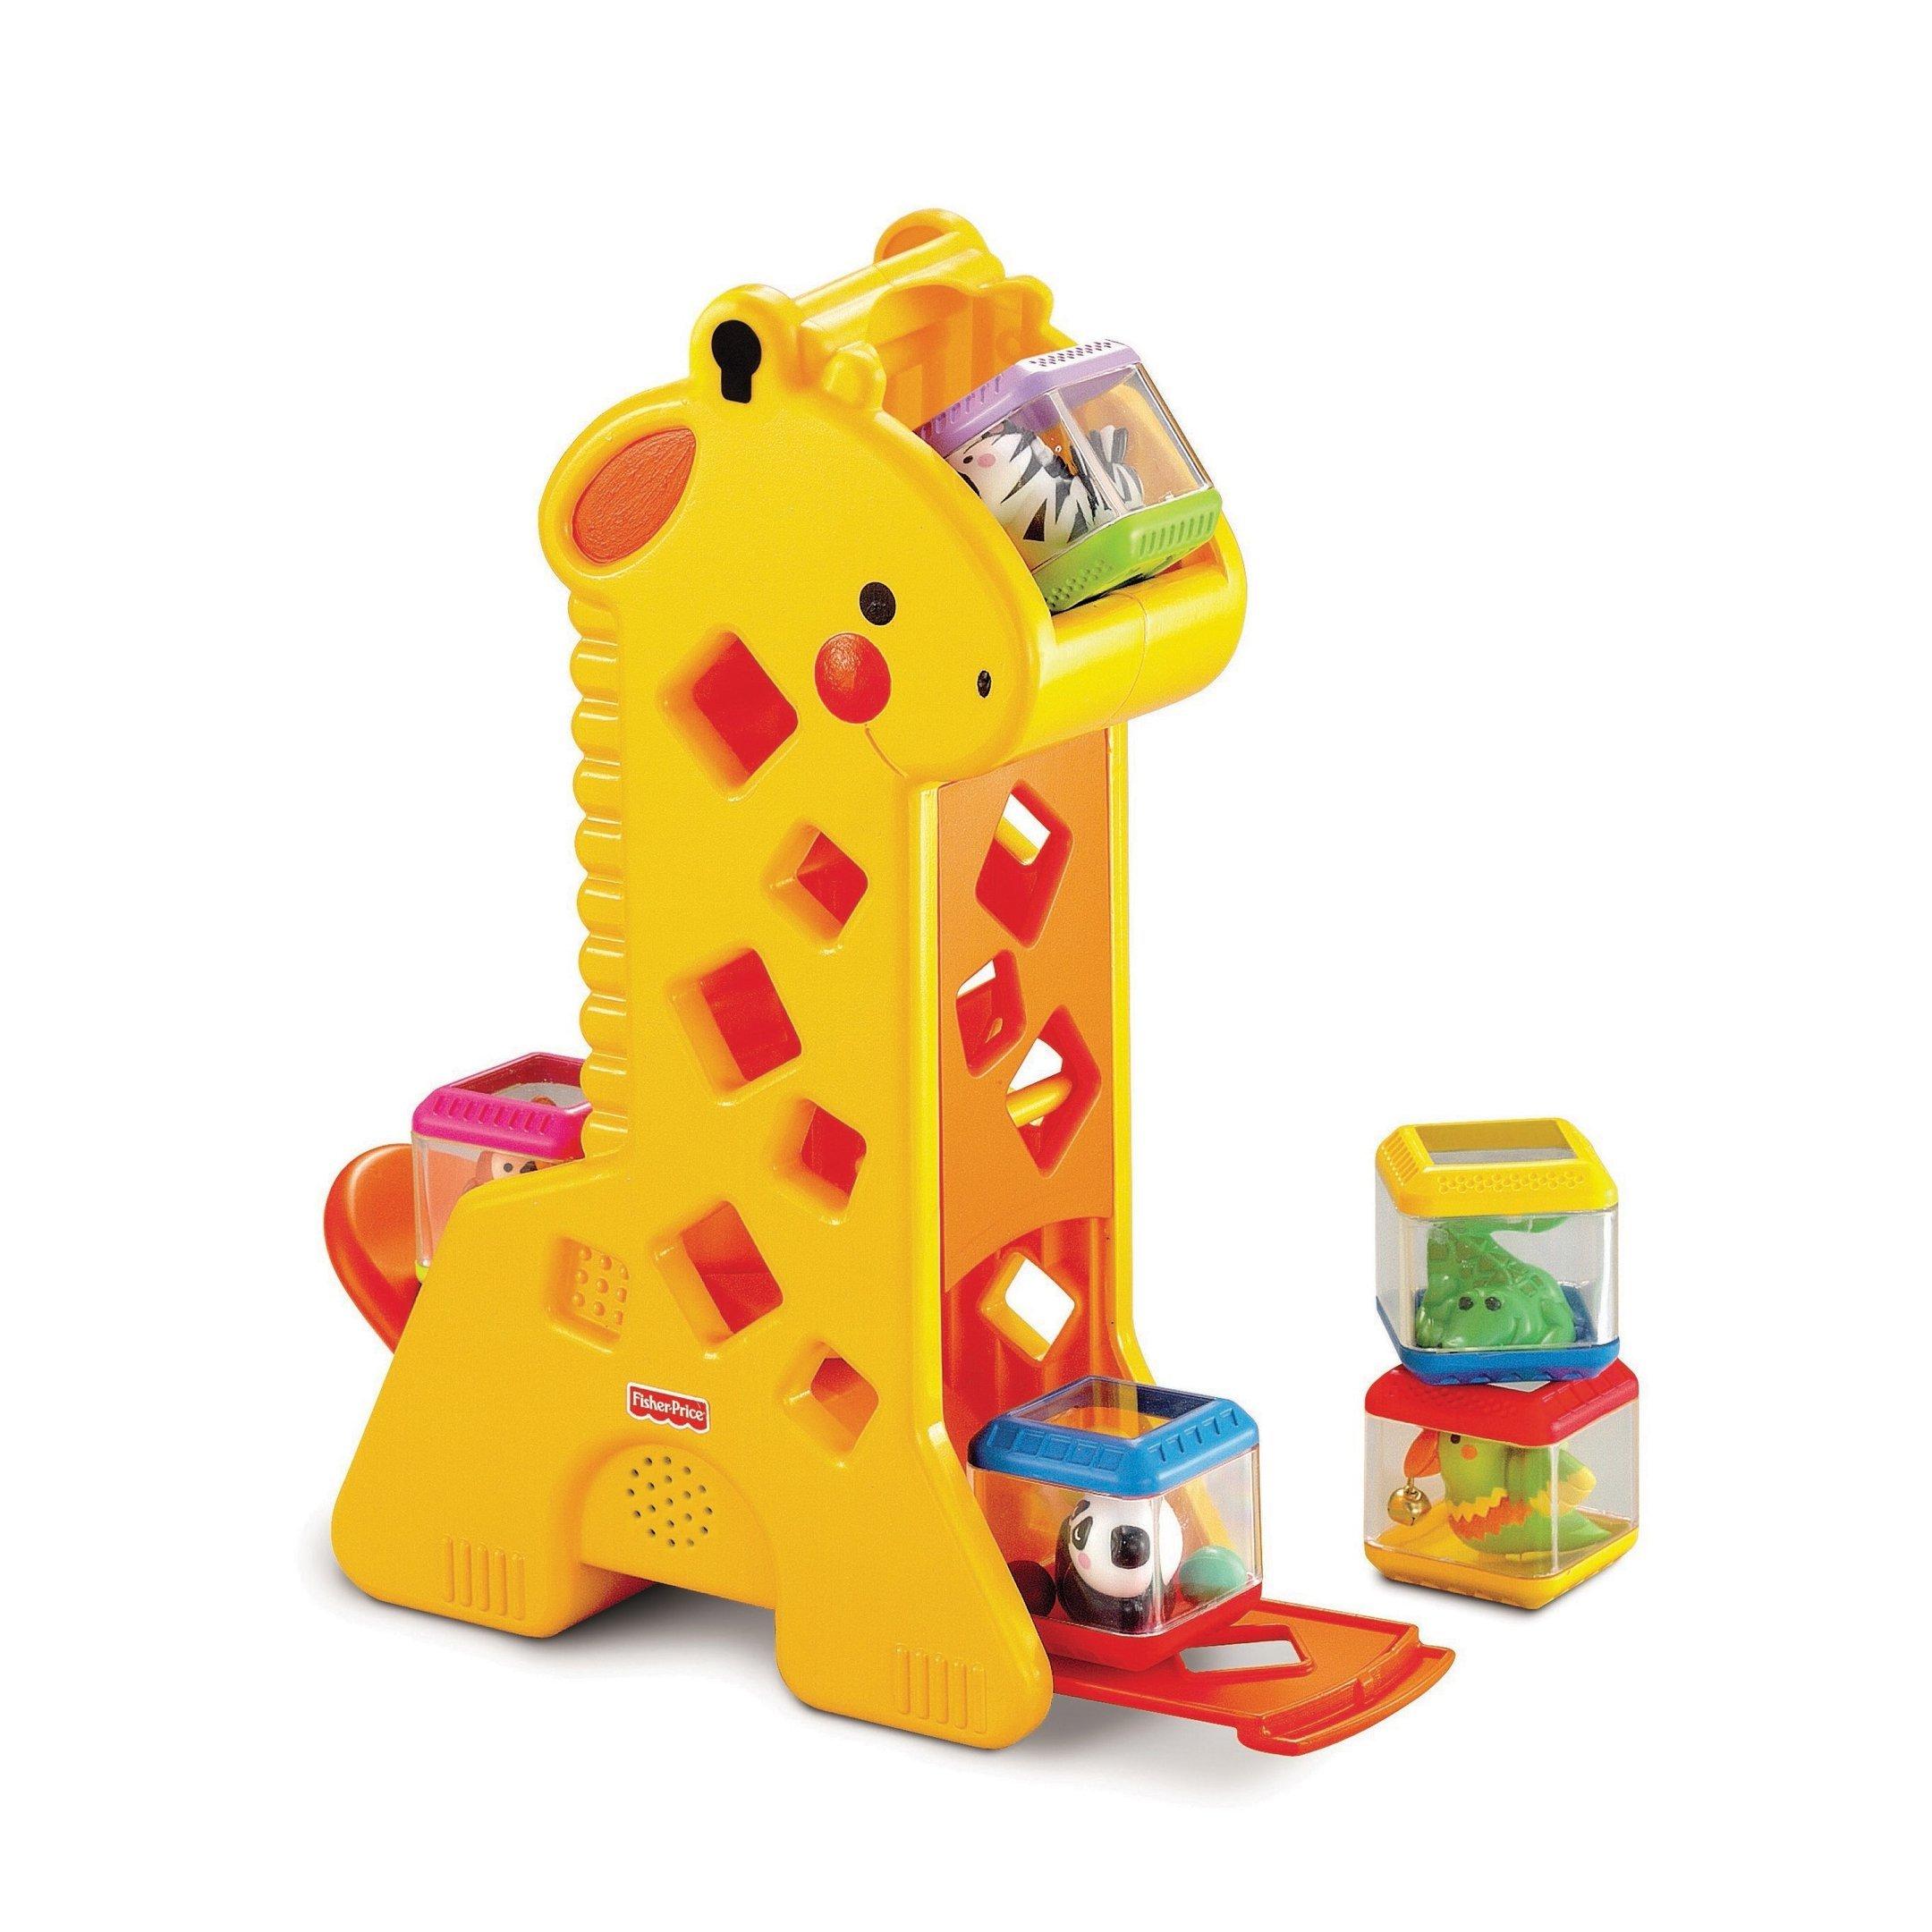 Girafa com blocos Fischer Price, vendida por R$ 139,99 na HiHappy